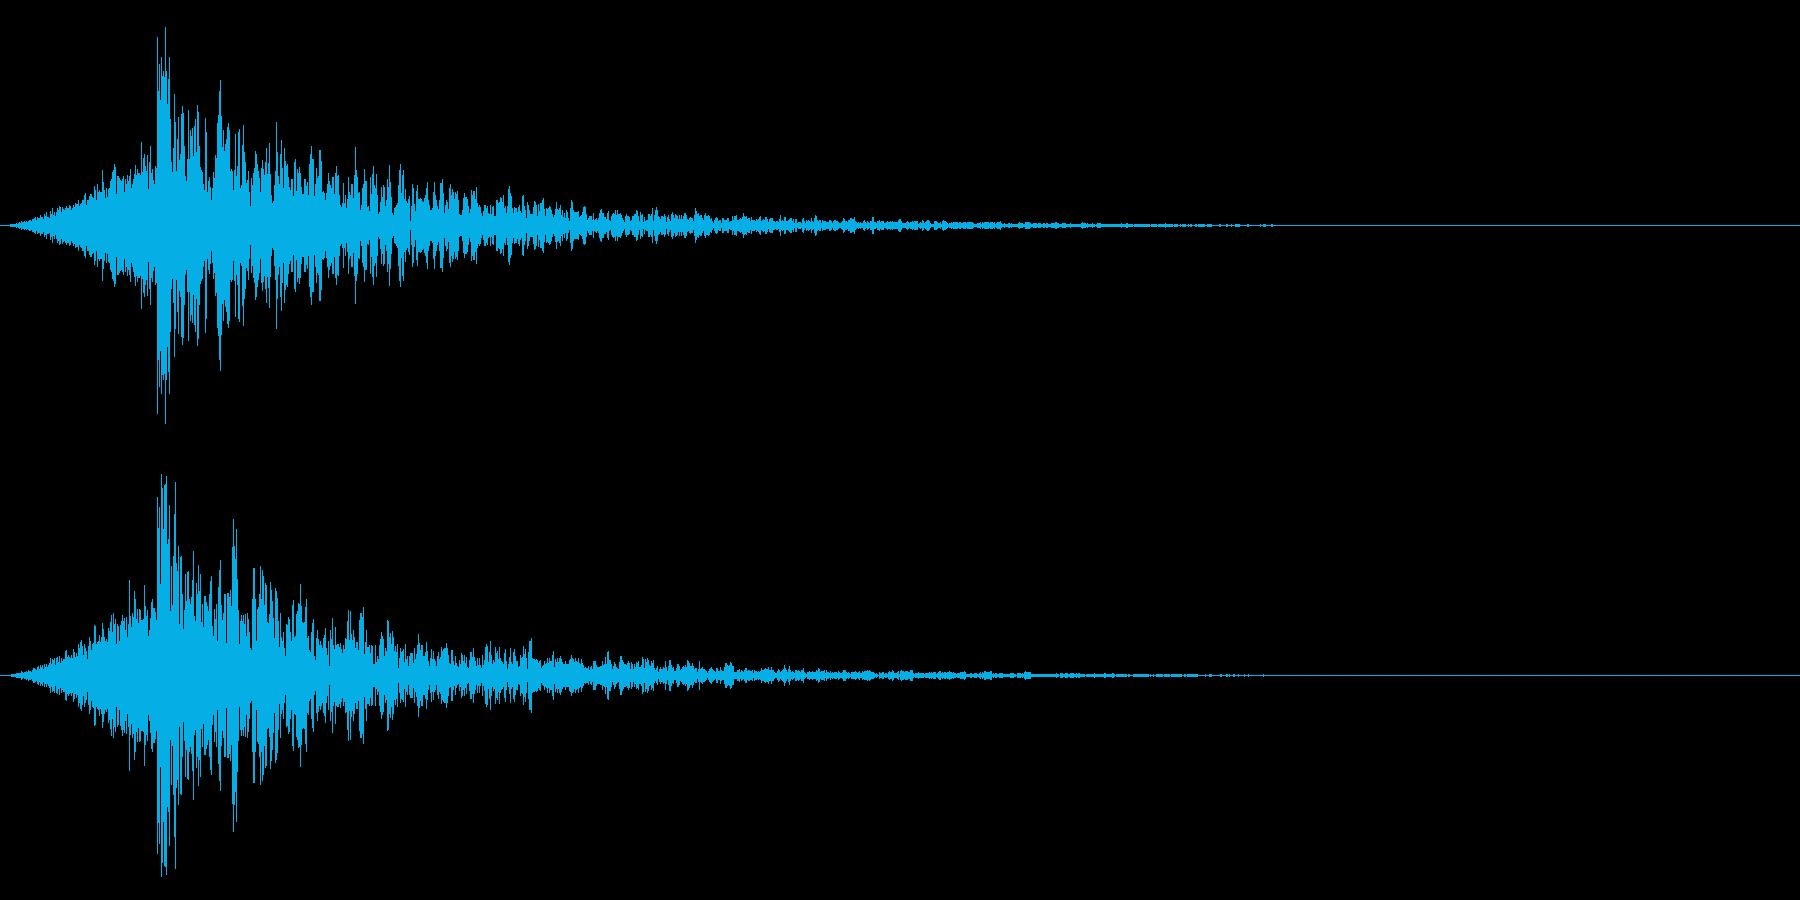 シュードーン-20-4(インパクト音)の再生済みの波形